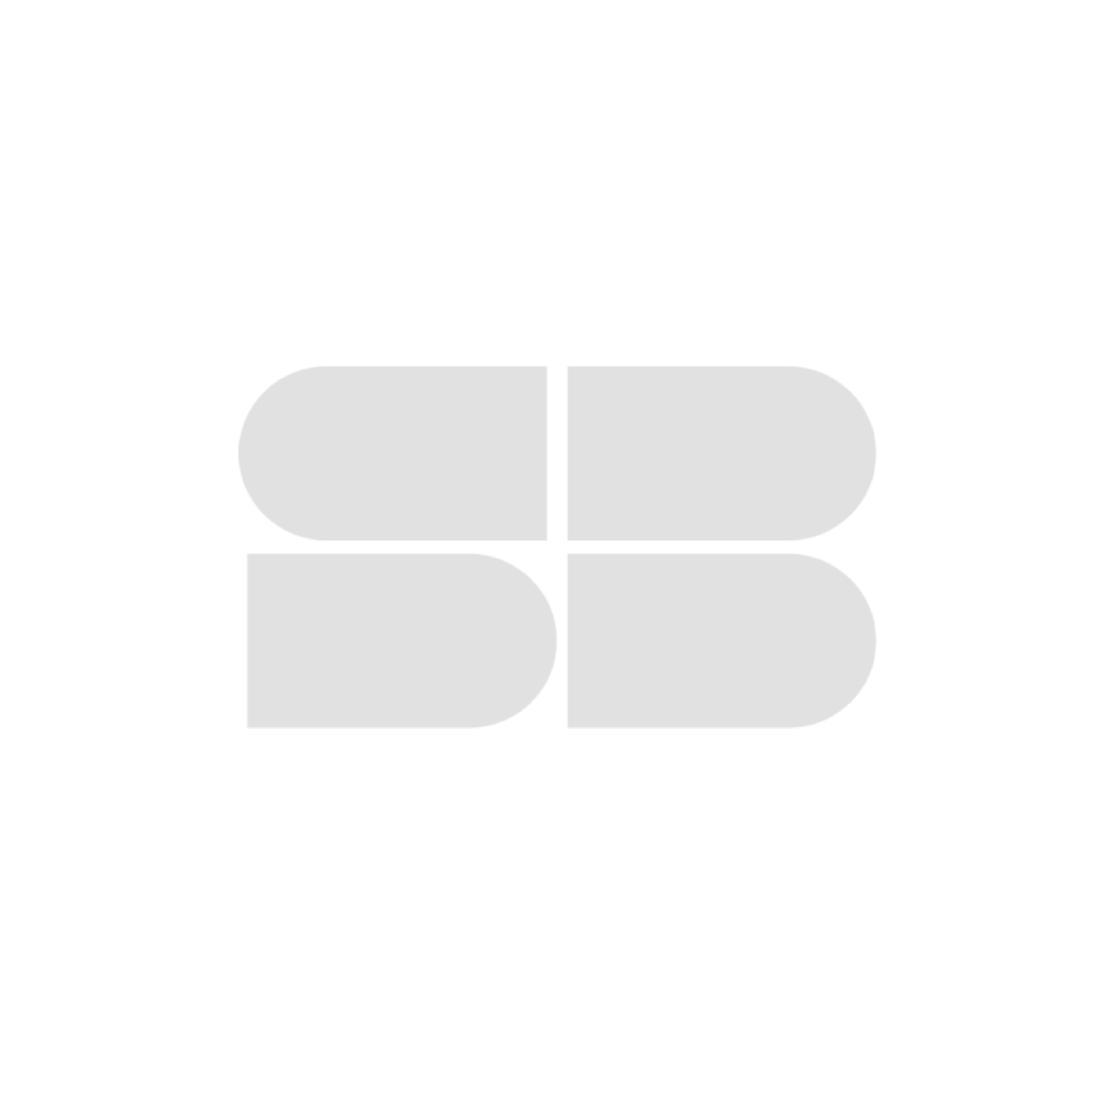 39013185-mattress-bedding-mattresses-foam-mattresses-31